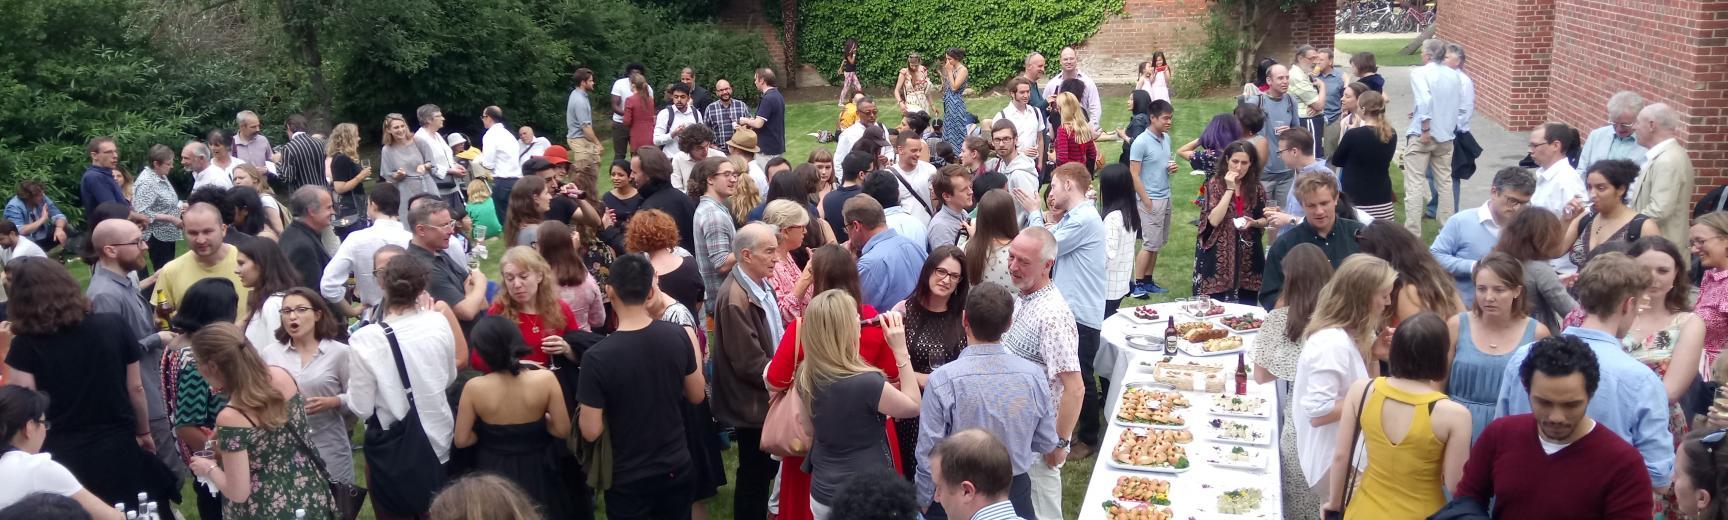 استقبال الطلاب في جامعة هارفرد